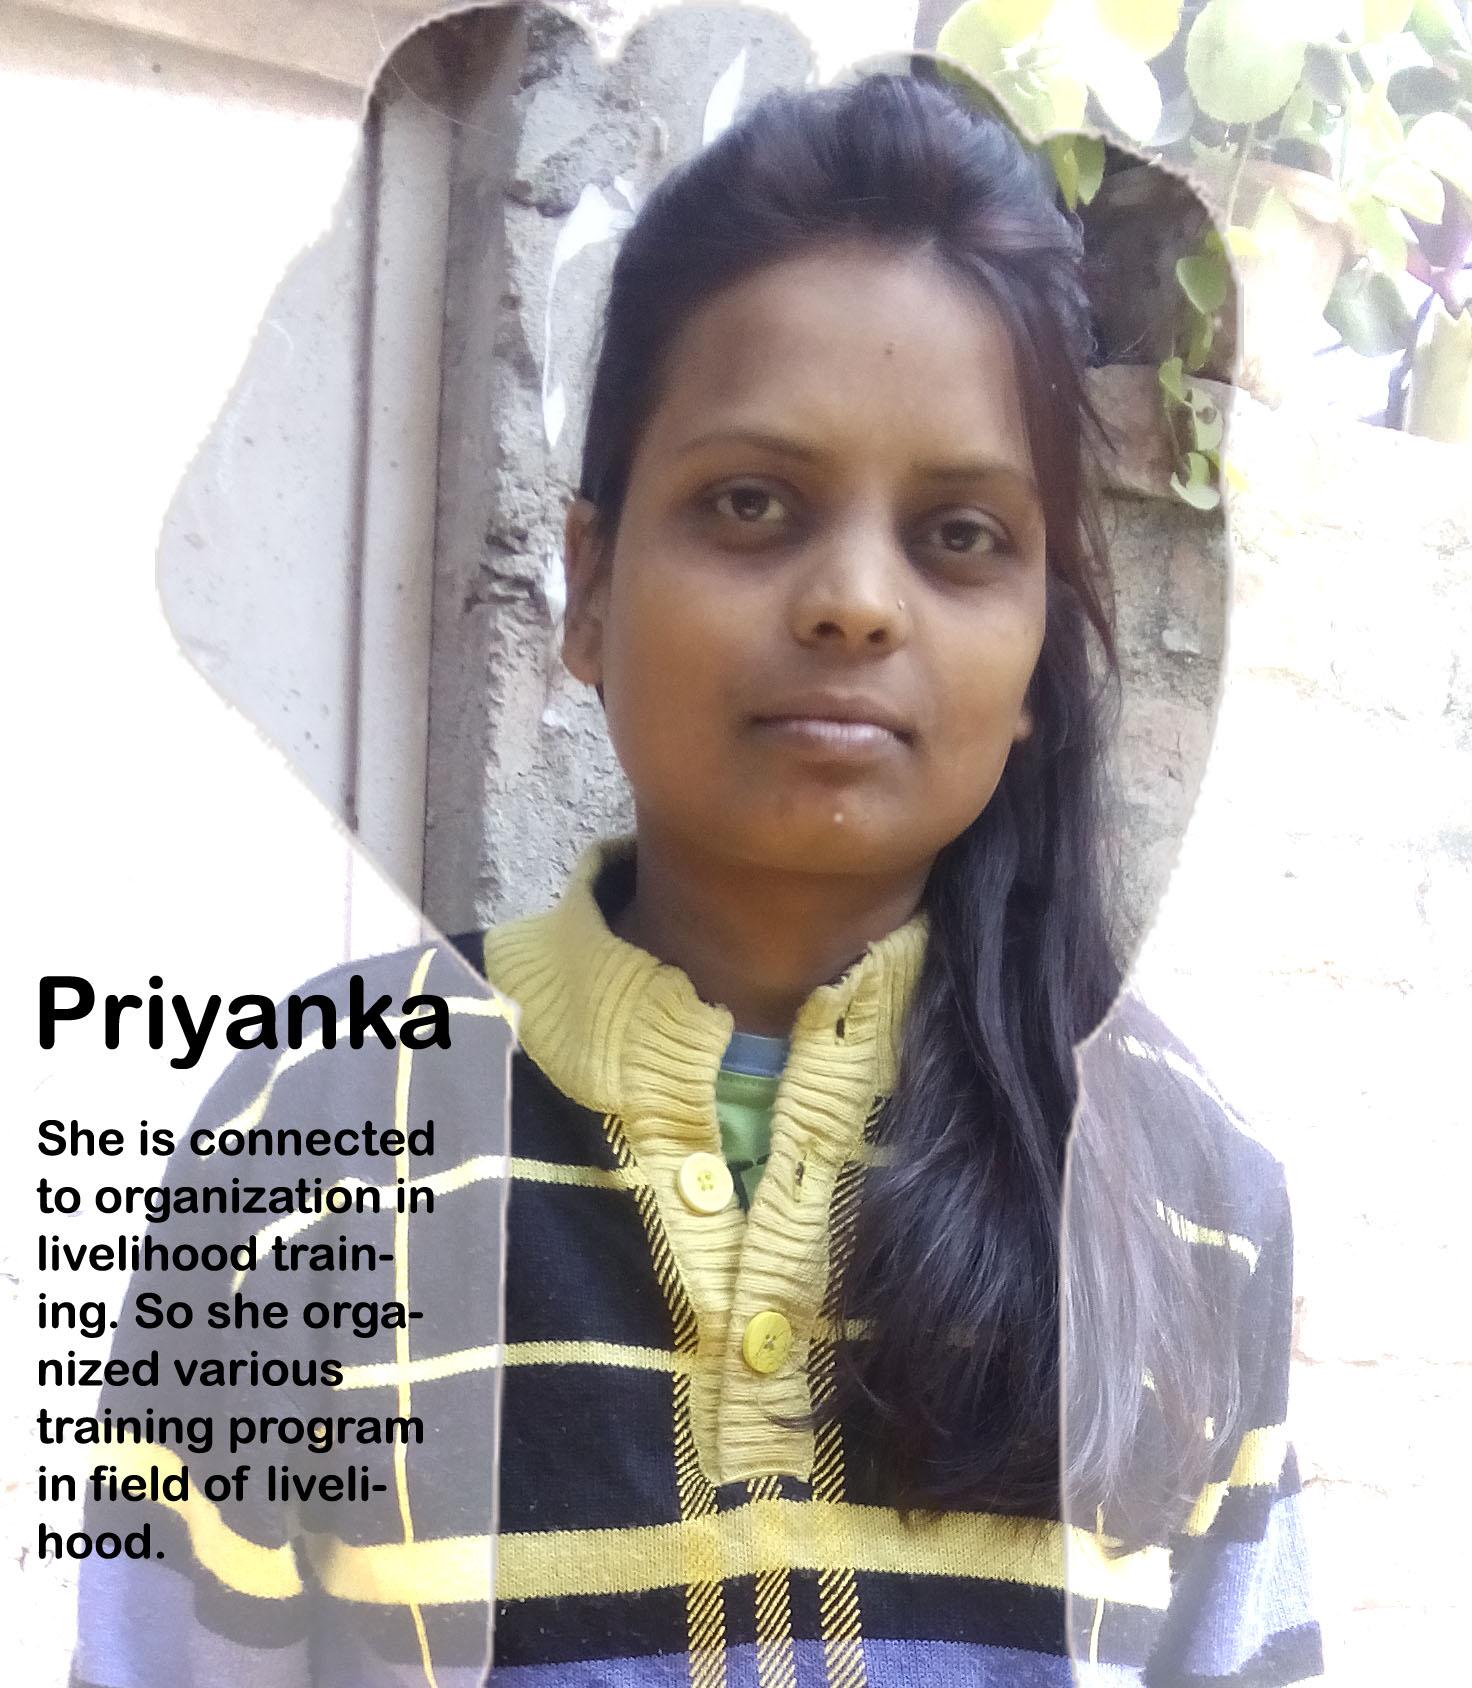 Priyanka youth leader--.jpg